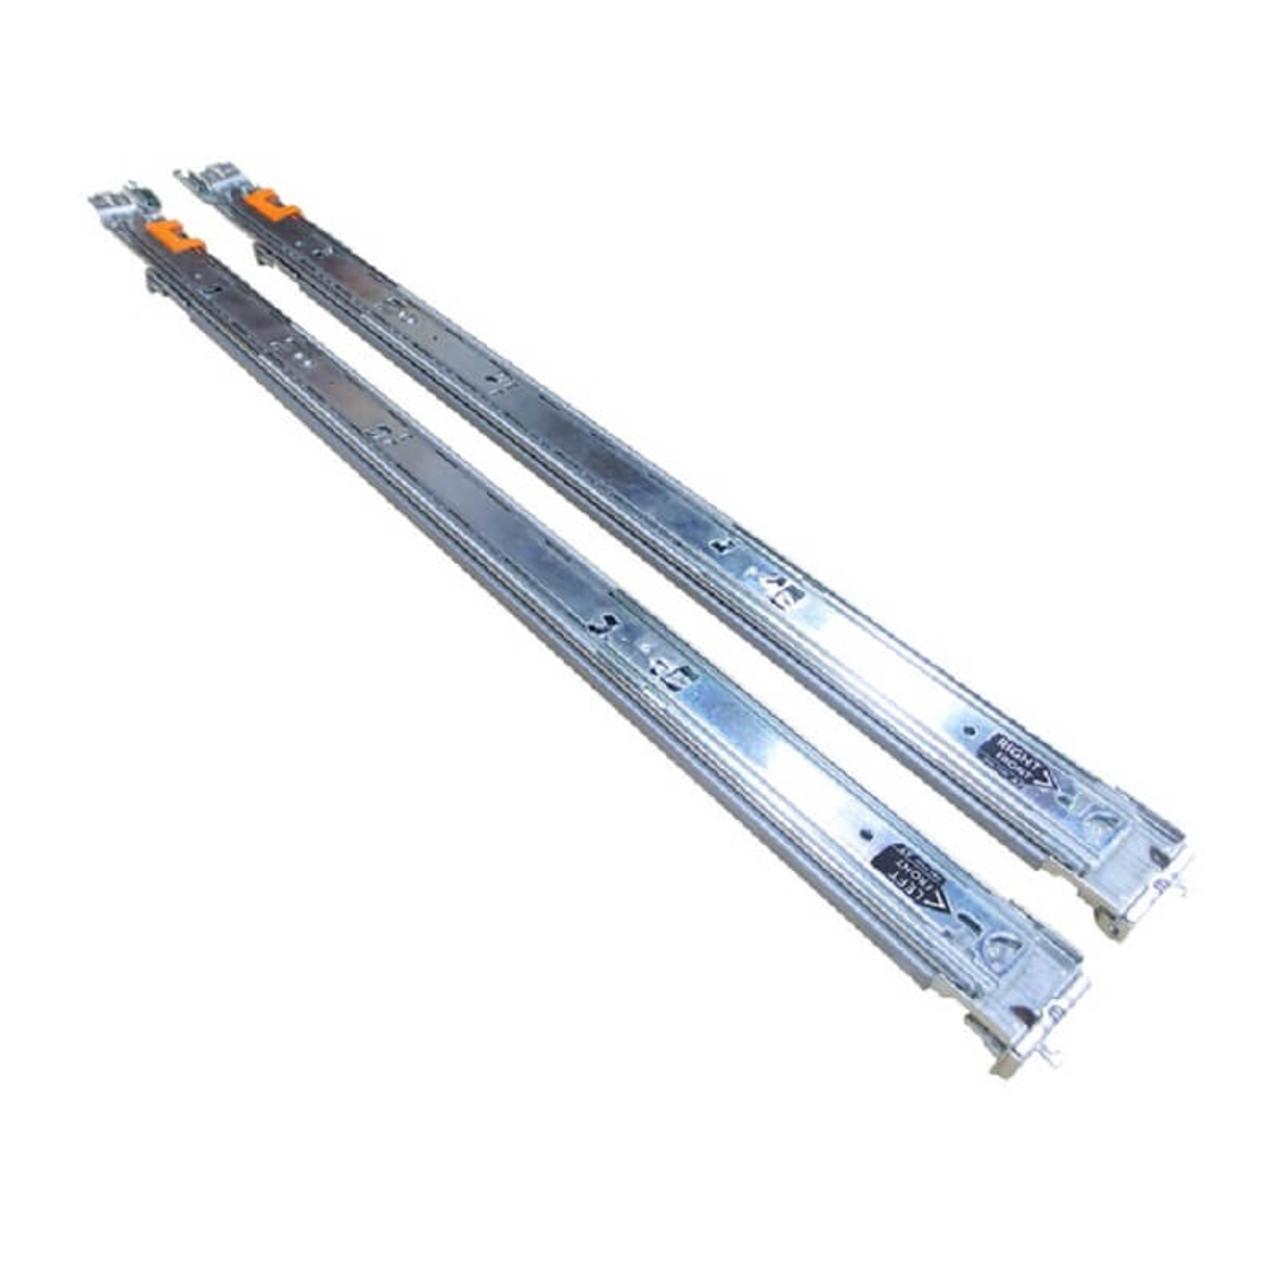 Sliding Rail Kit for Dell PowerEdge R630 Server